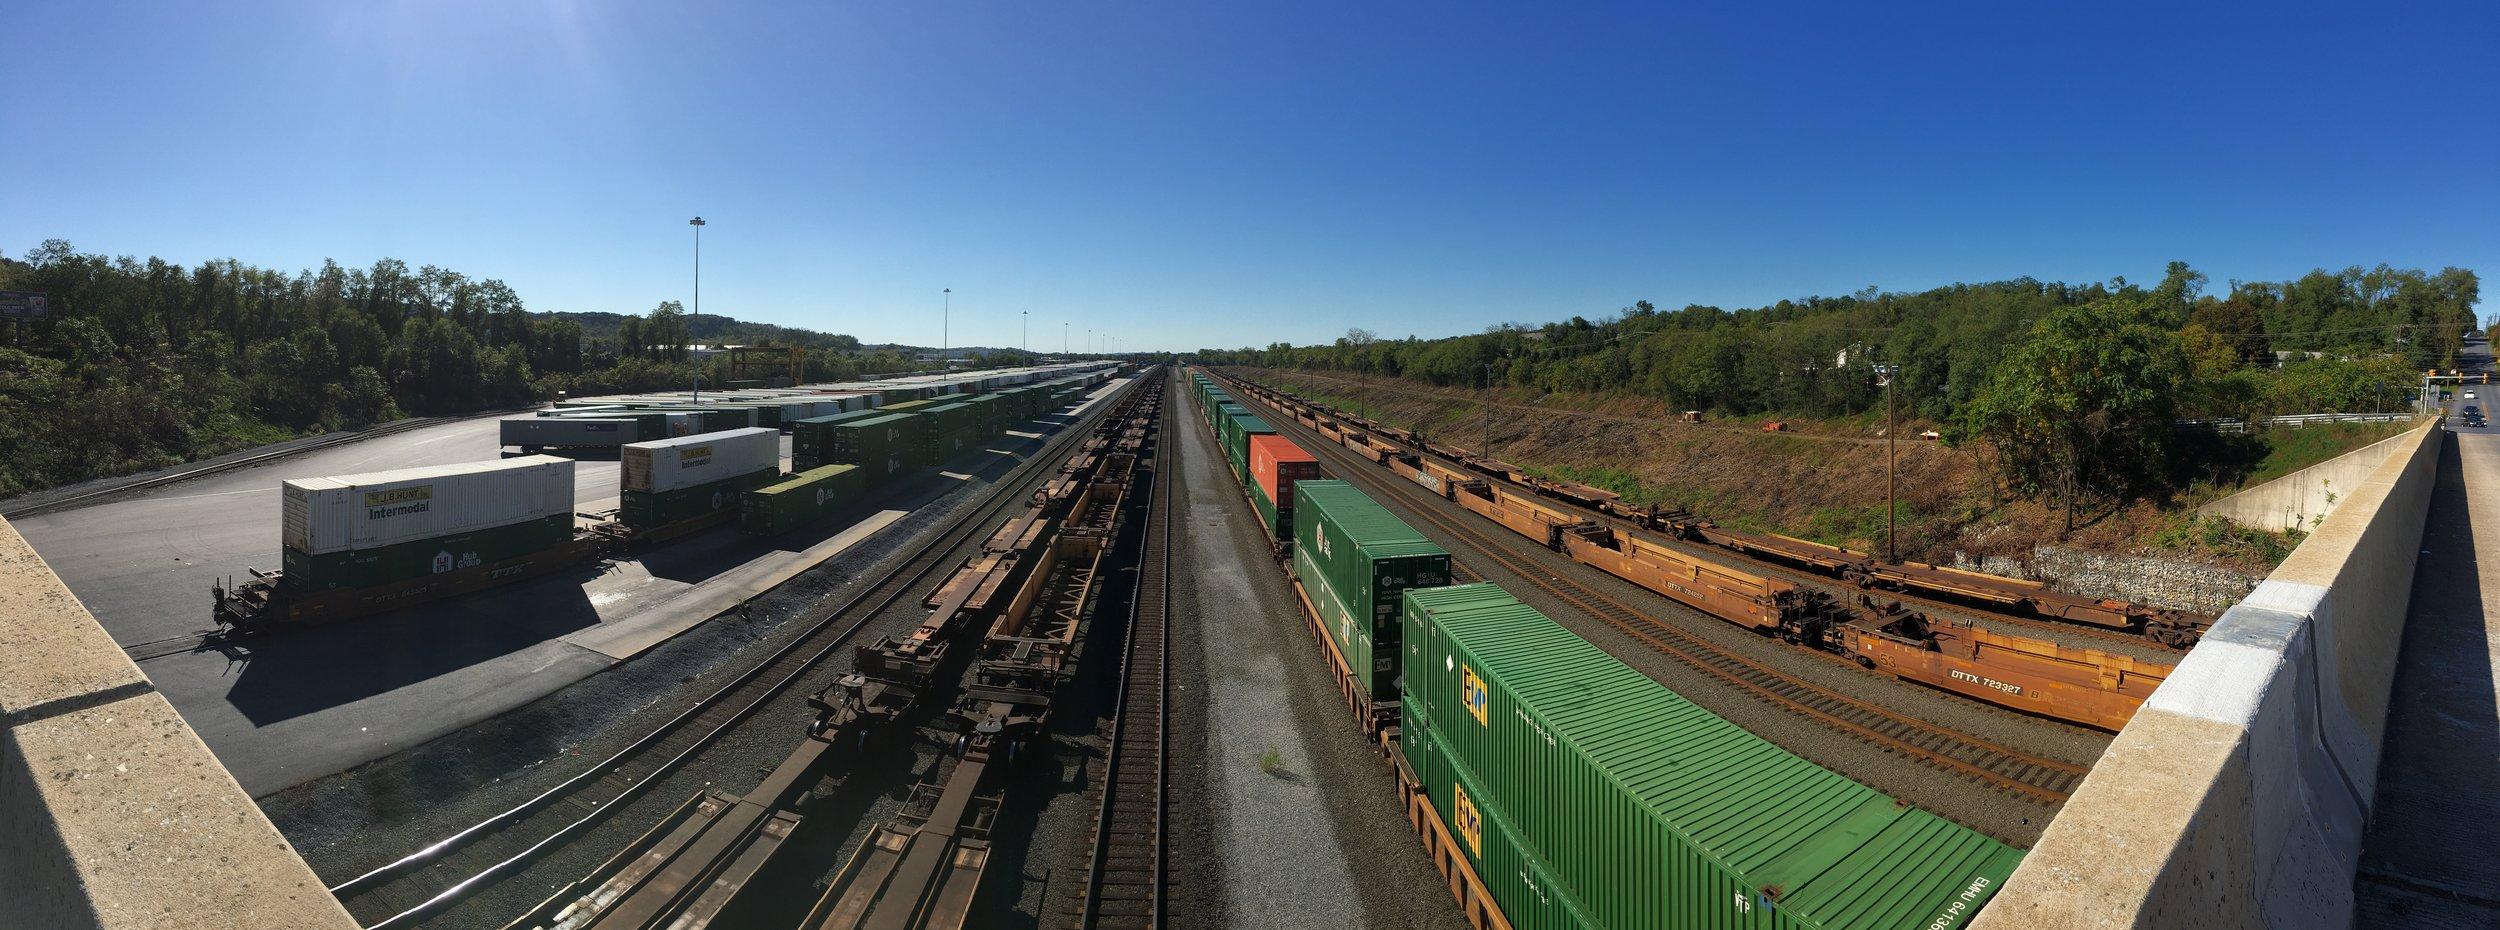 Rutherford Intermodal Yard, Swatara Township